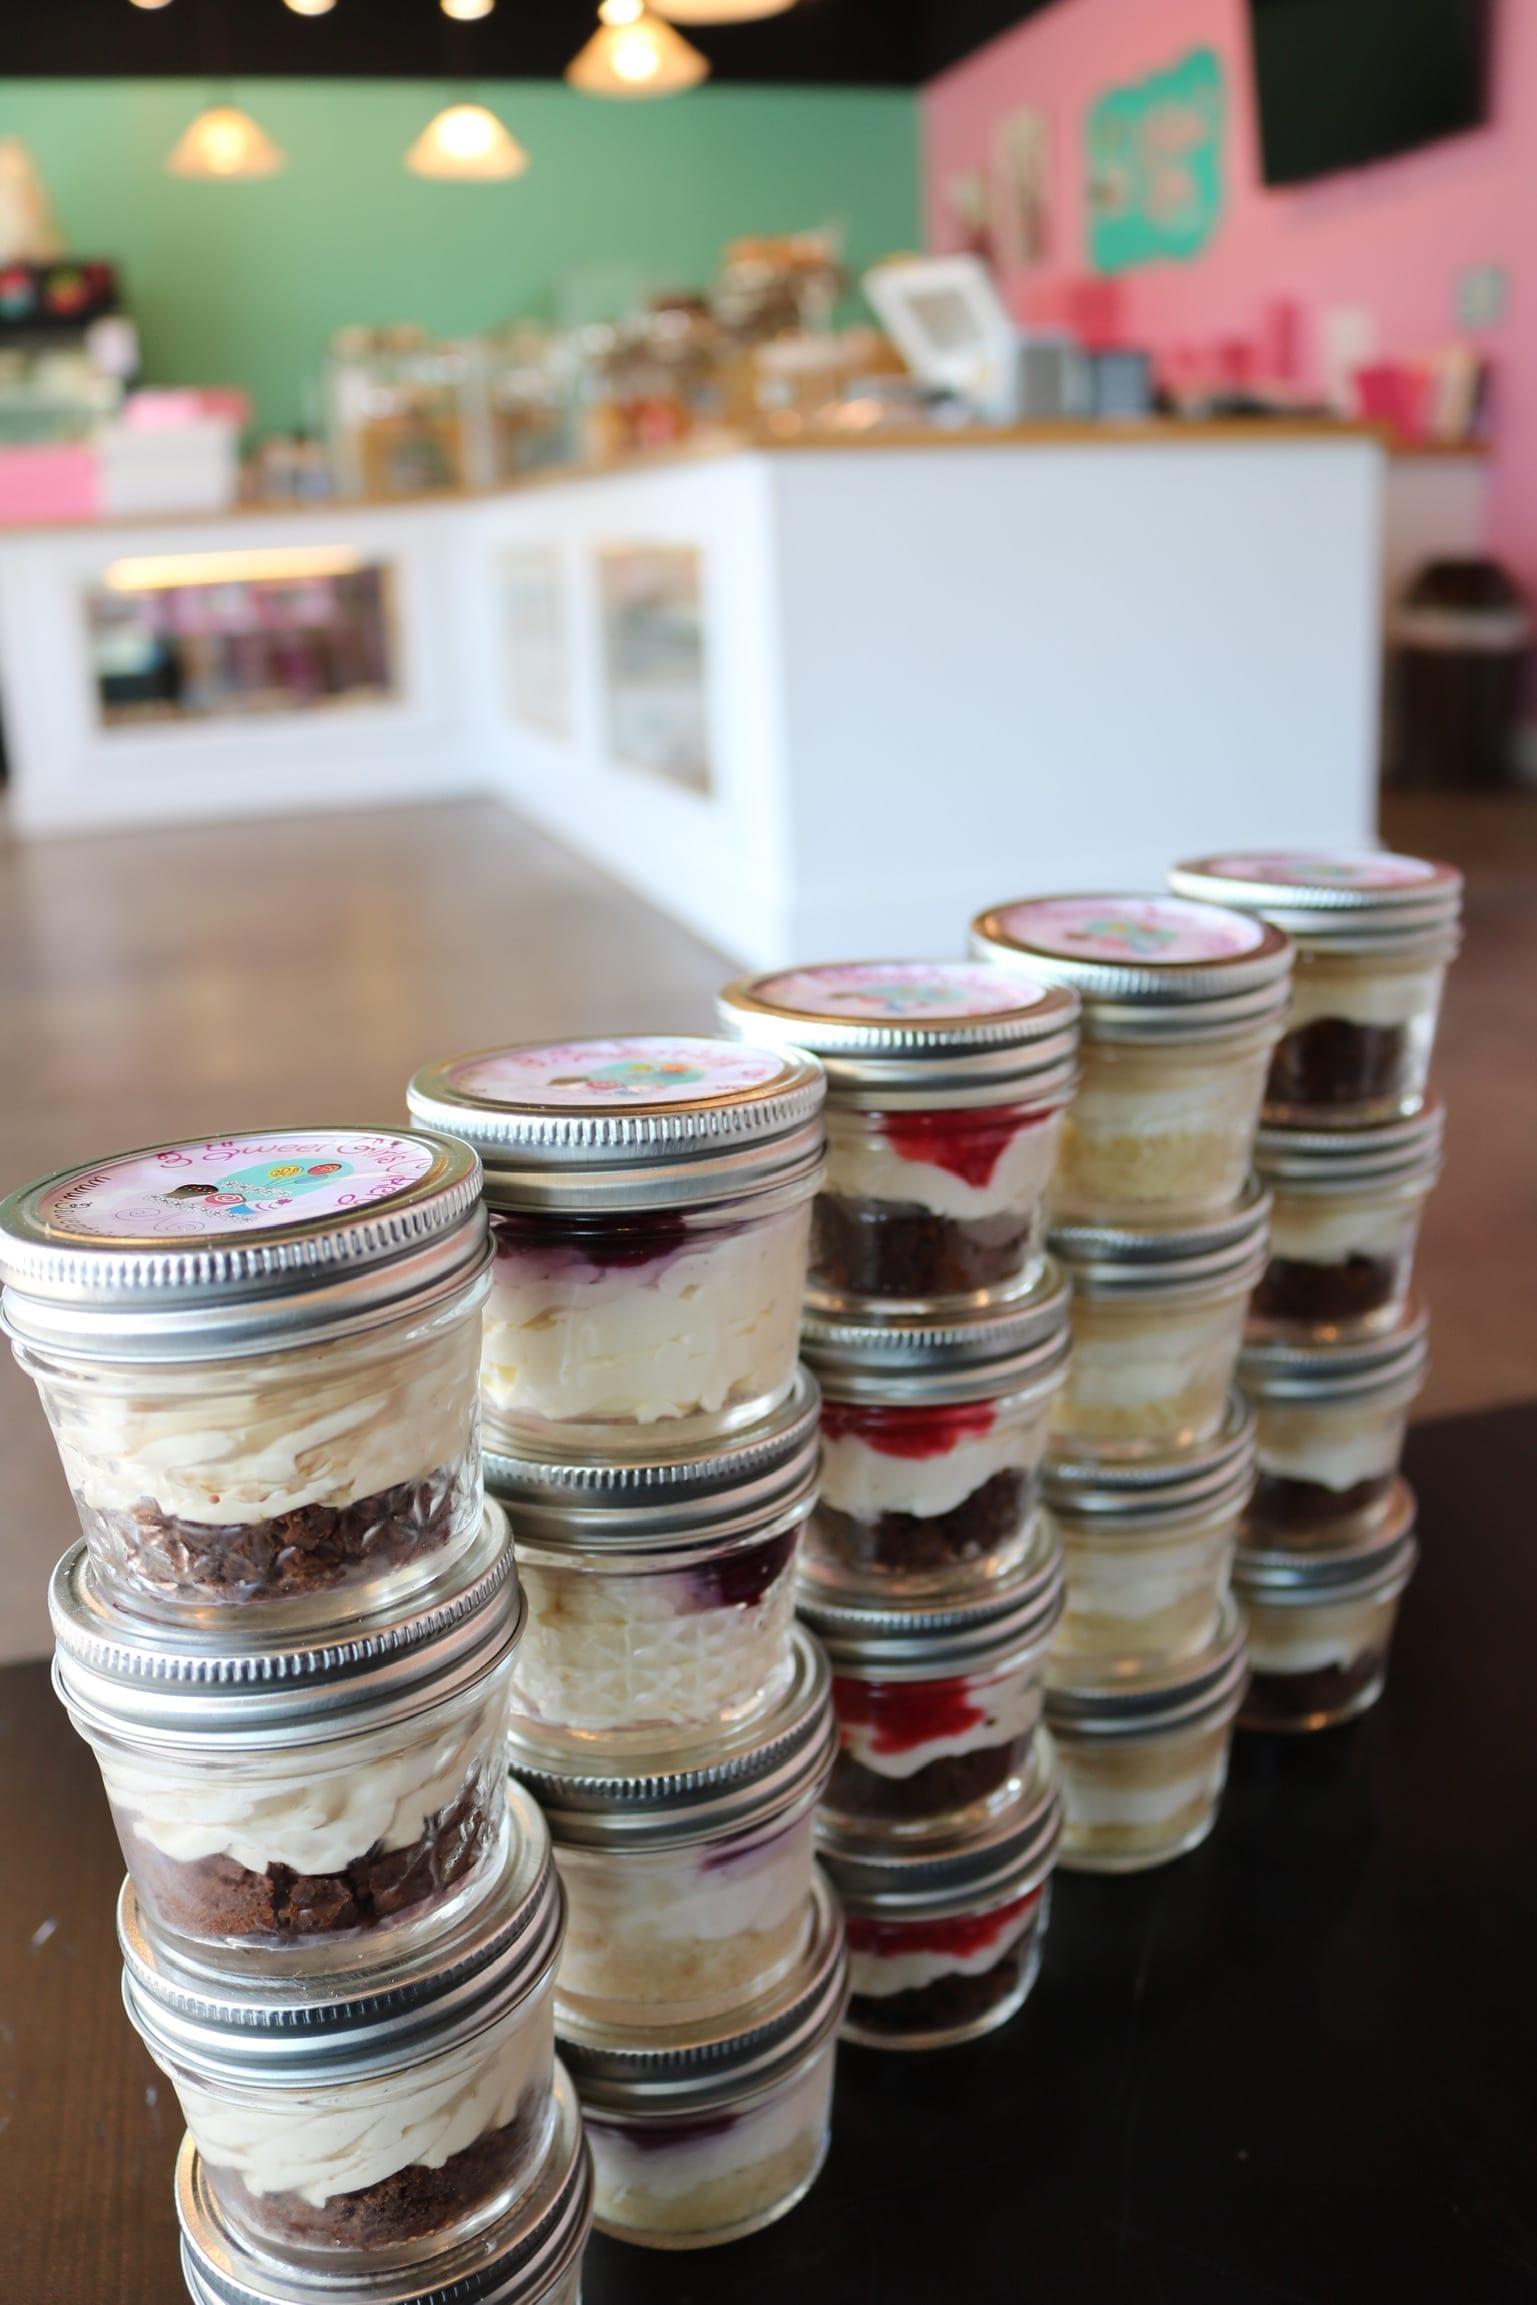 Keto Cheesecake Jars | 3 Sweet Girls Cakery